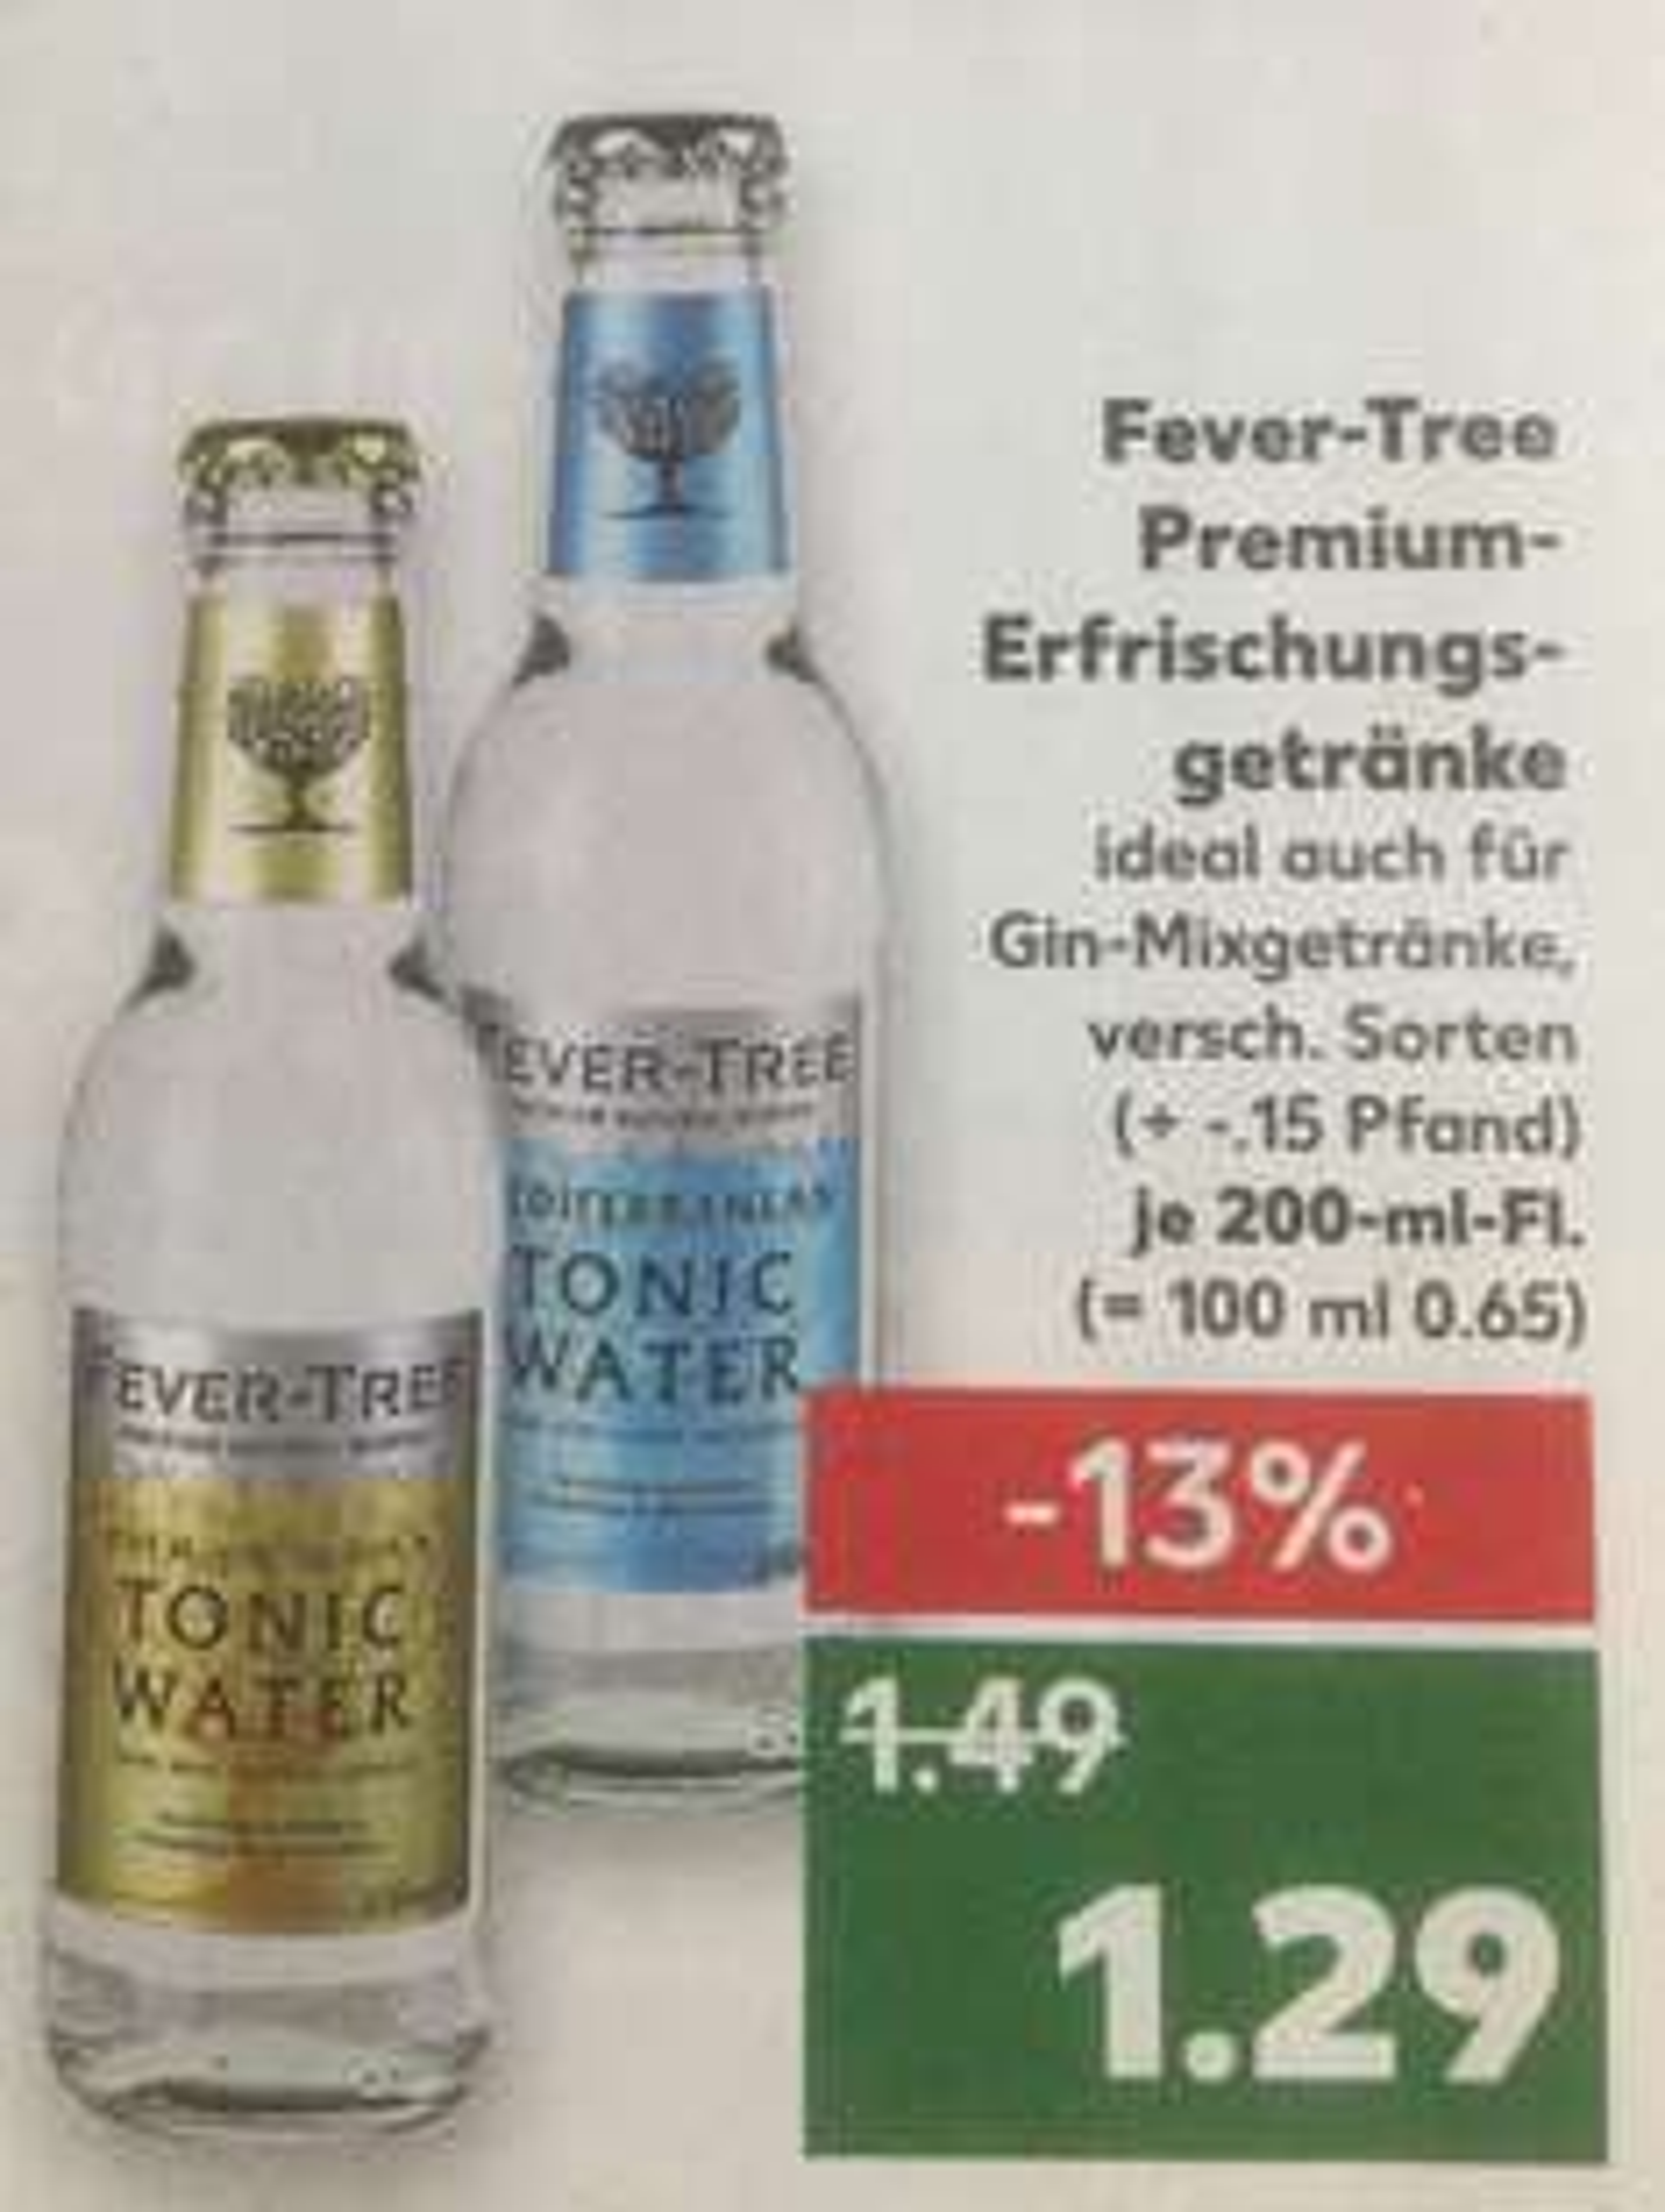 [Kaufland Landshut] Fever Tree Tonic Water